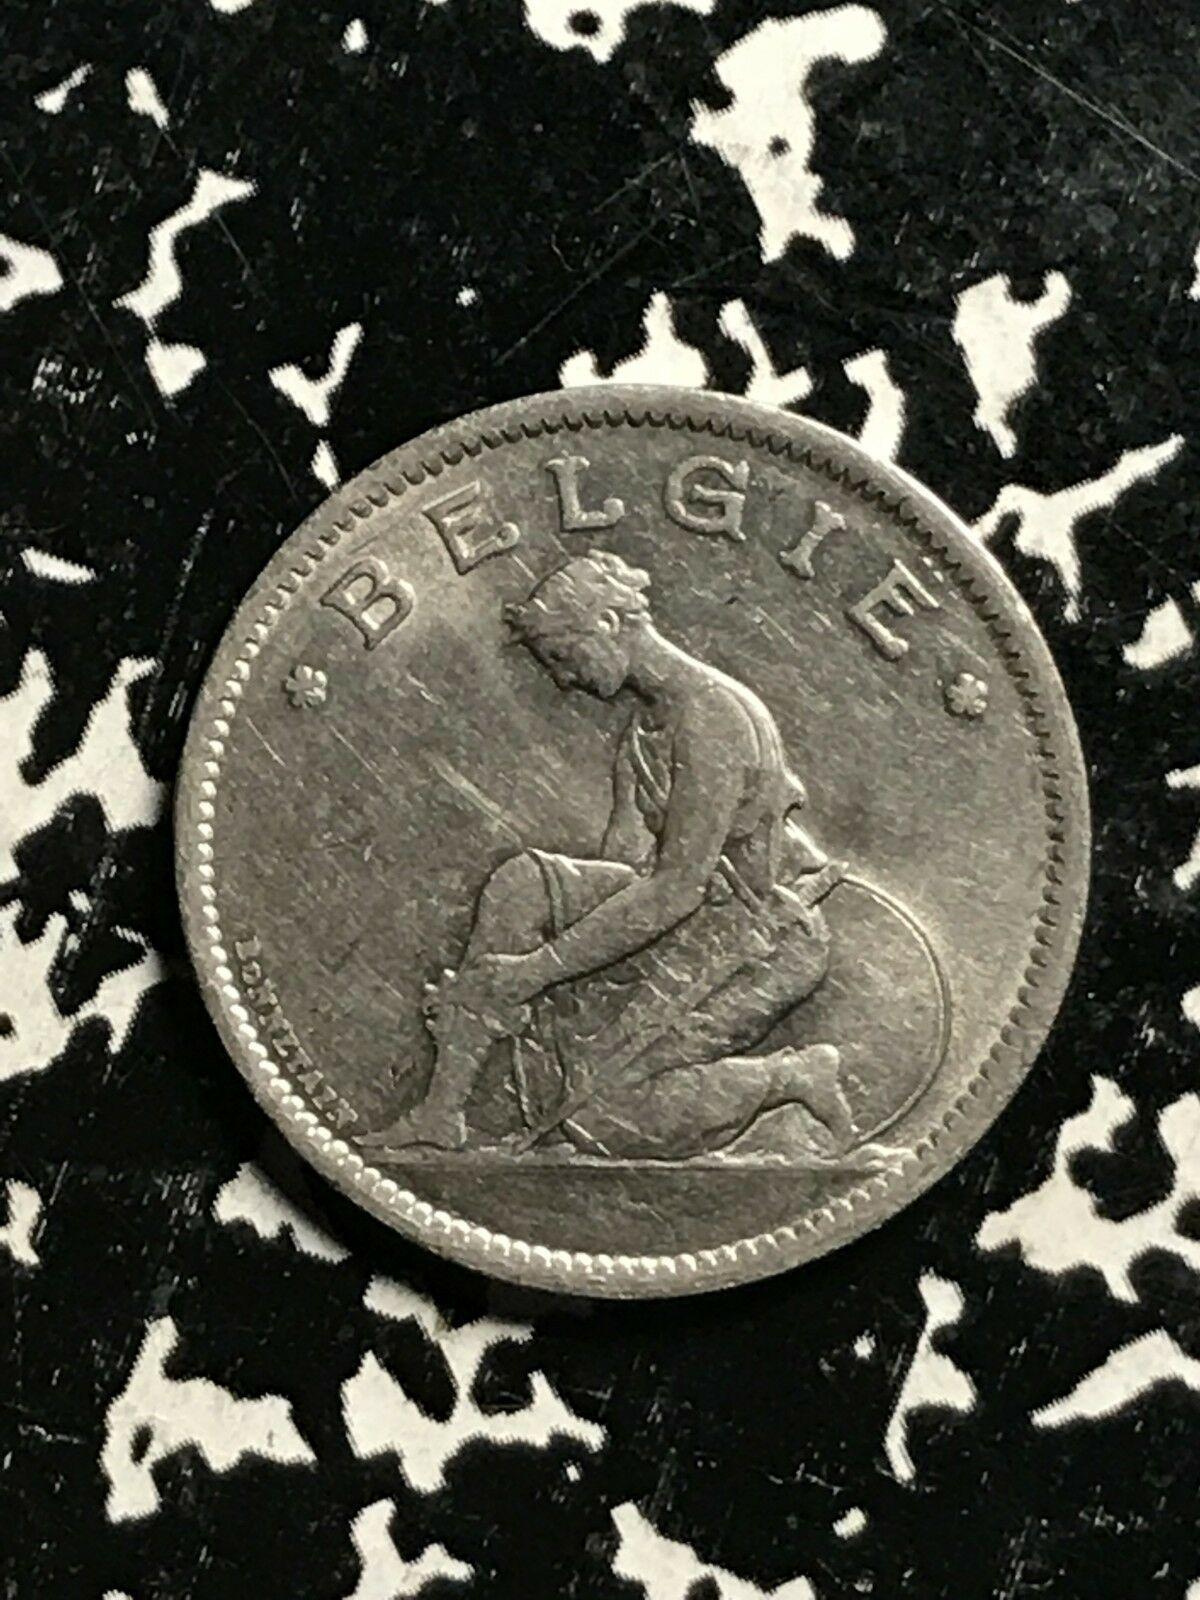 1934 Belgio 1 Franco Lotto #X8627 Grado Elevato! Bellissimo